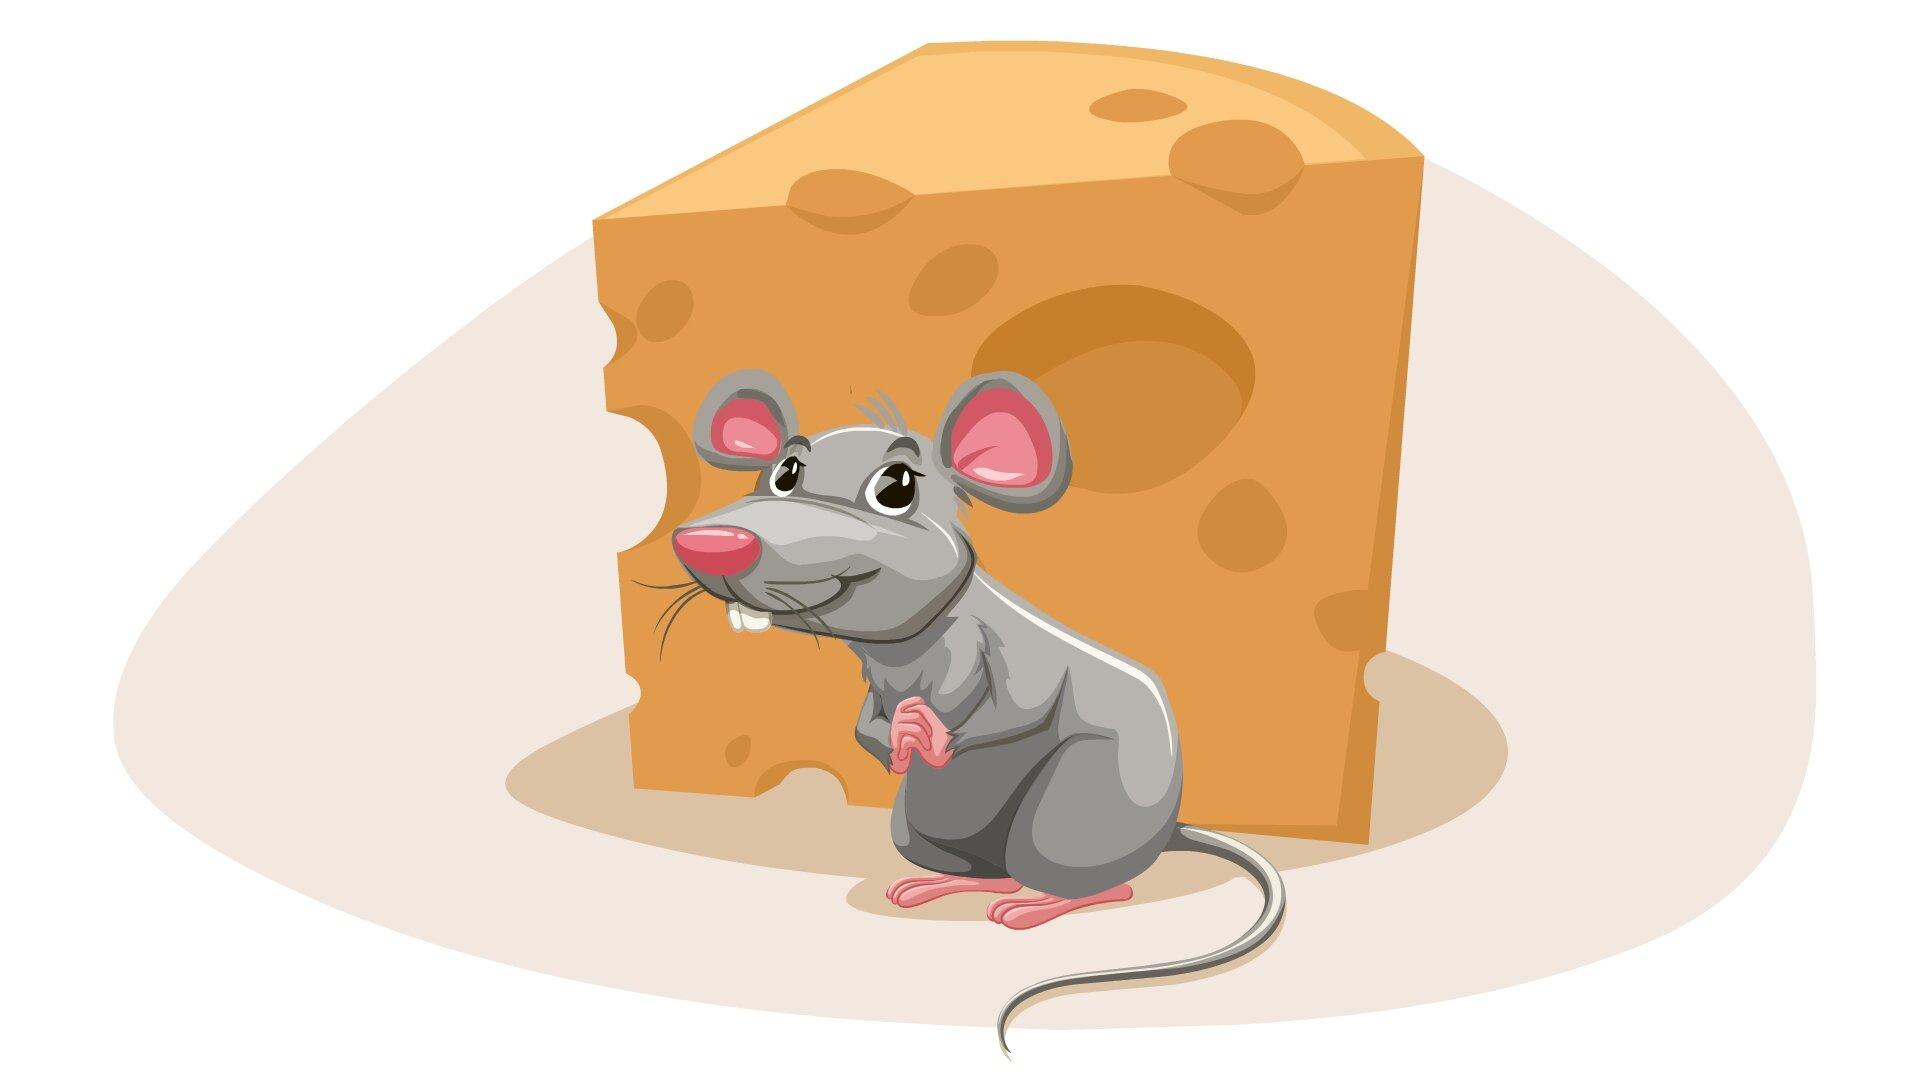 Ilustracja przedstawia mysz przed serem.